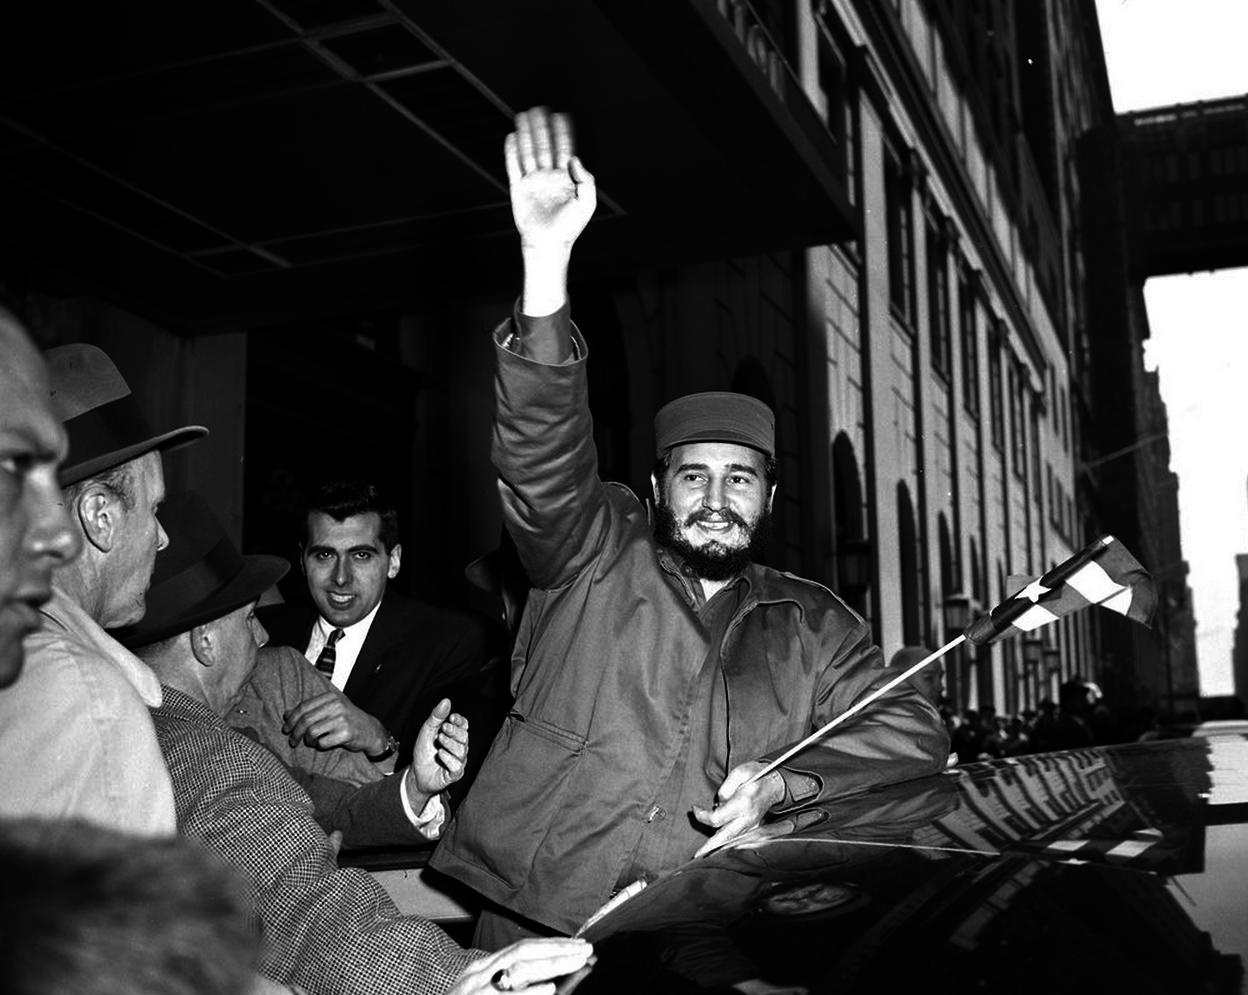 Кастро приветствует толпу возле отеля